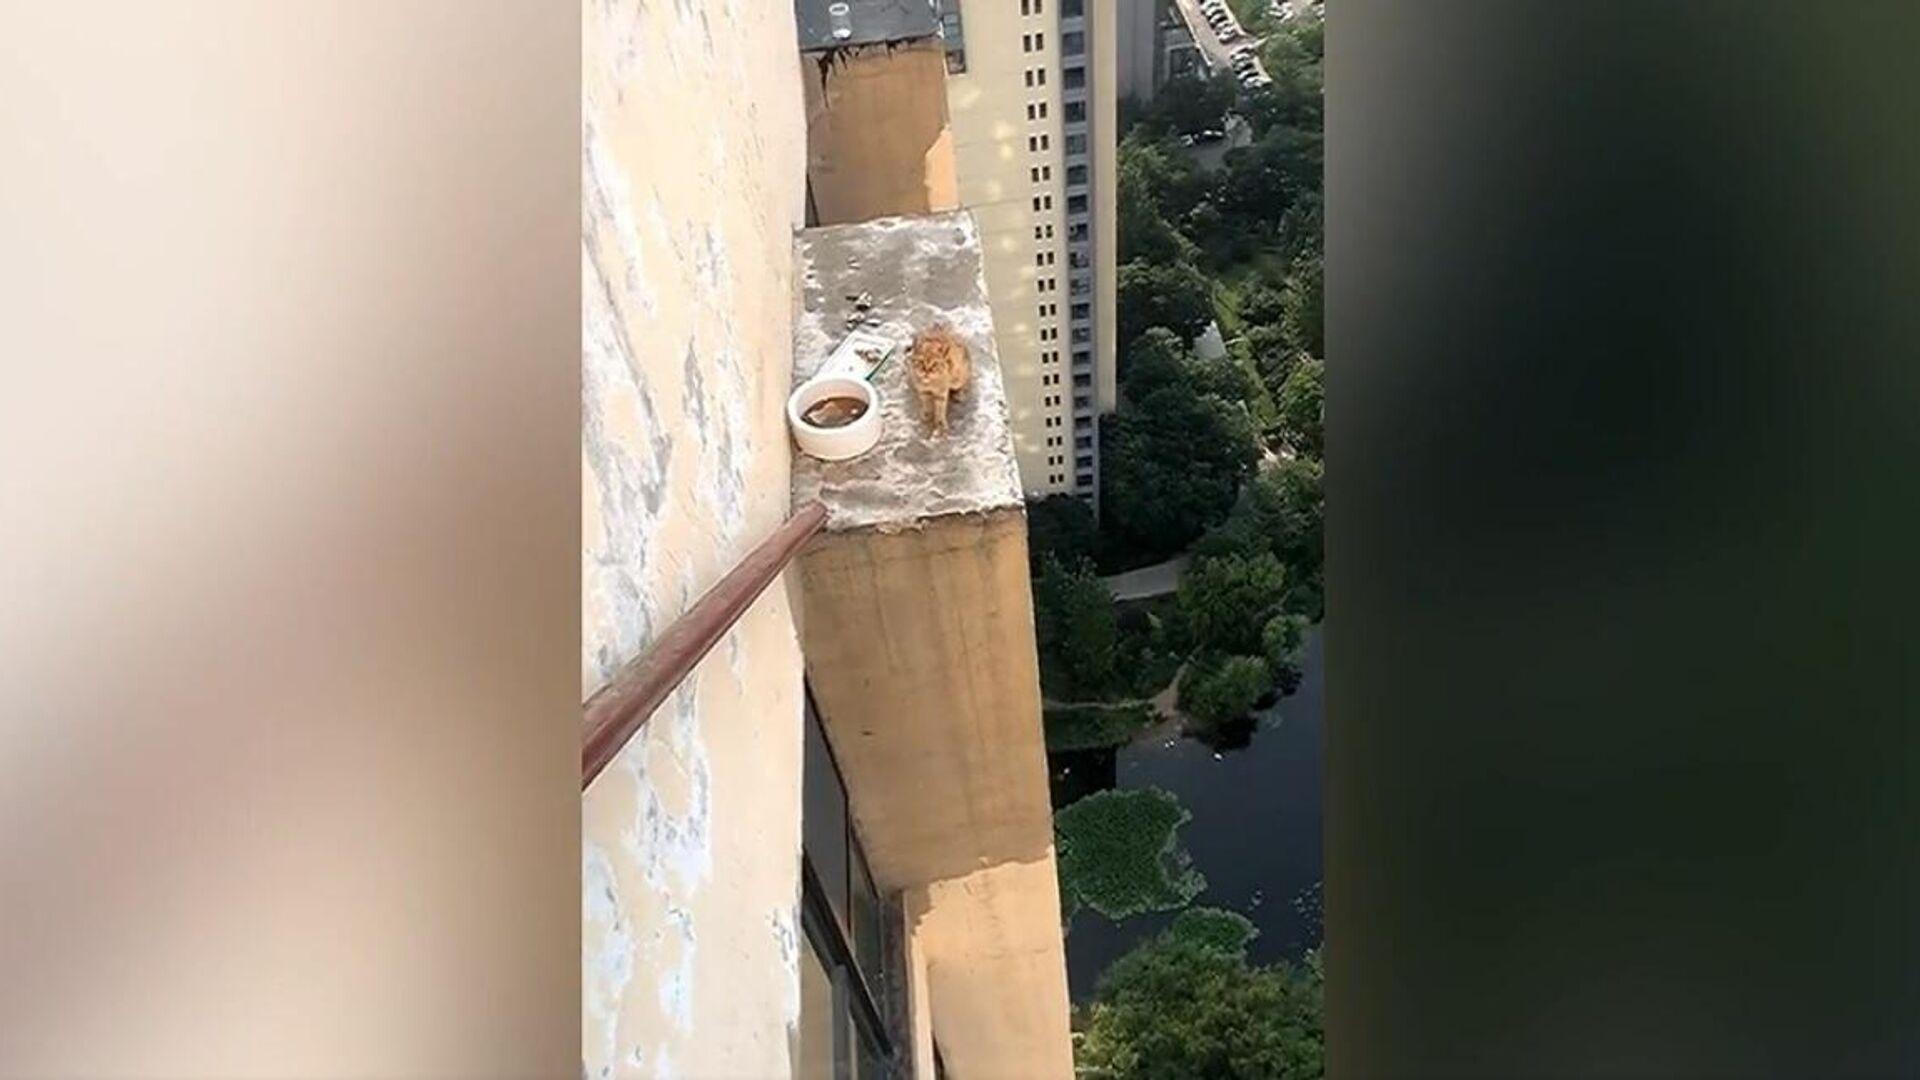 Çin'de 33. kattaki klima ünitesinin üzerinde mahsur kalan kedi kurtarıldı - Sputnik Türkiye, 1920, 23.08.2021